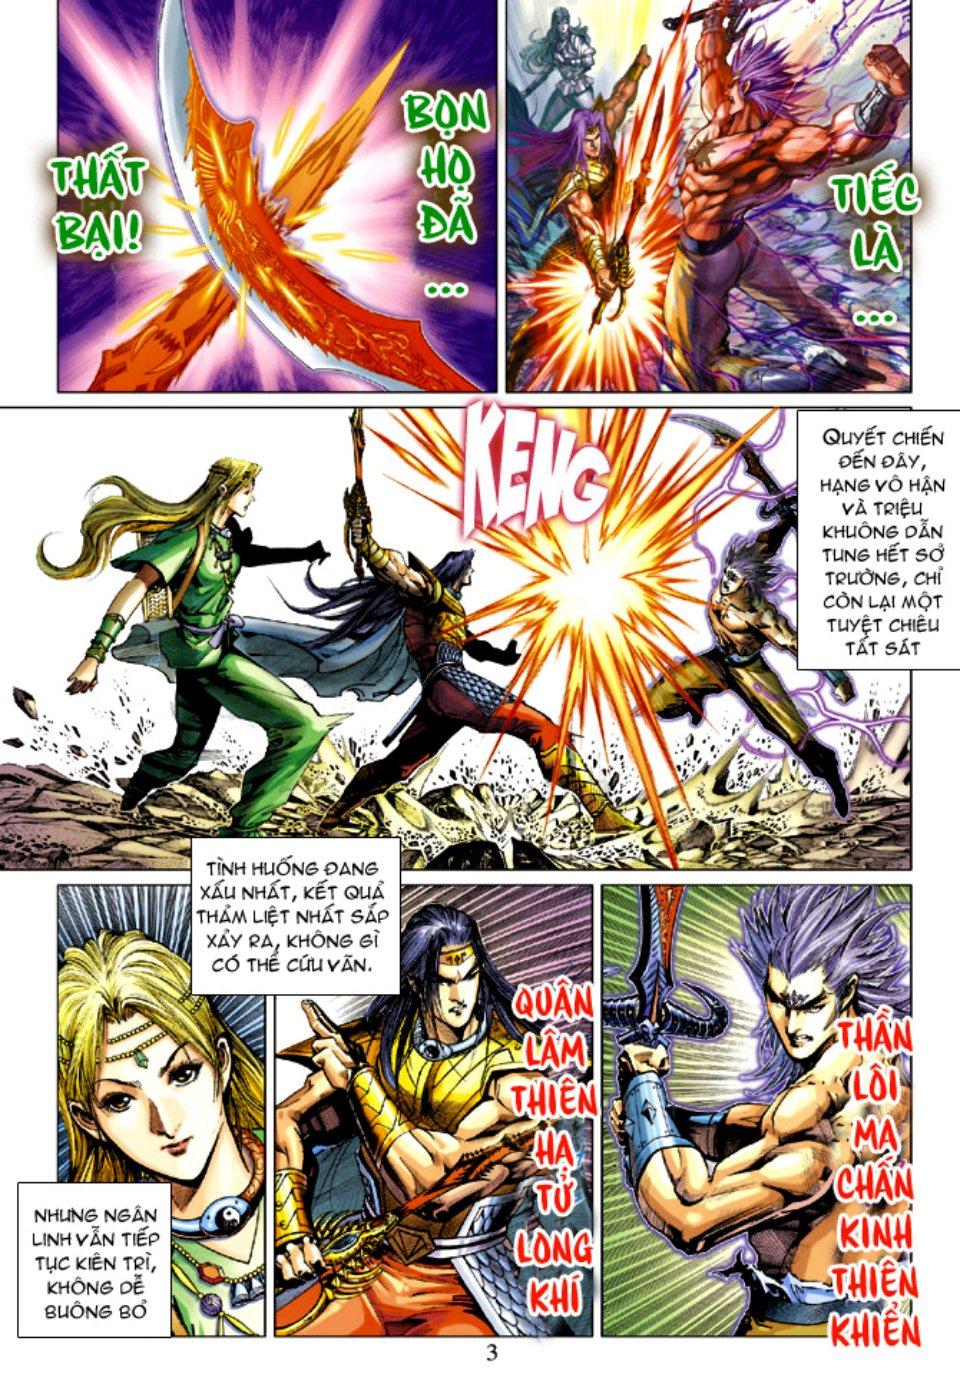 Thiên Tử Truyền Kỳ 5 - Như Lai Thần Chưởng chap 212 - Trang 3